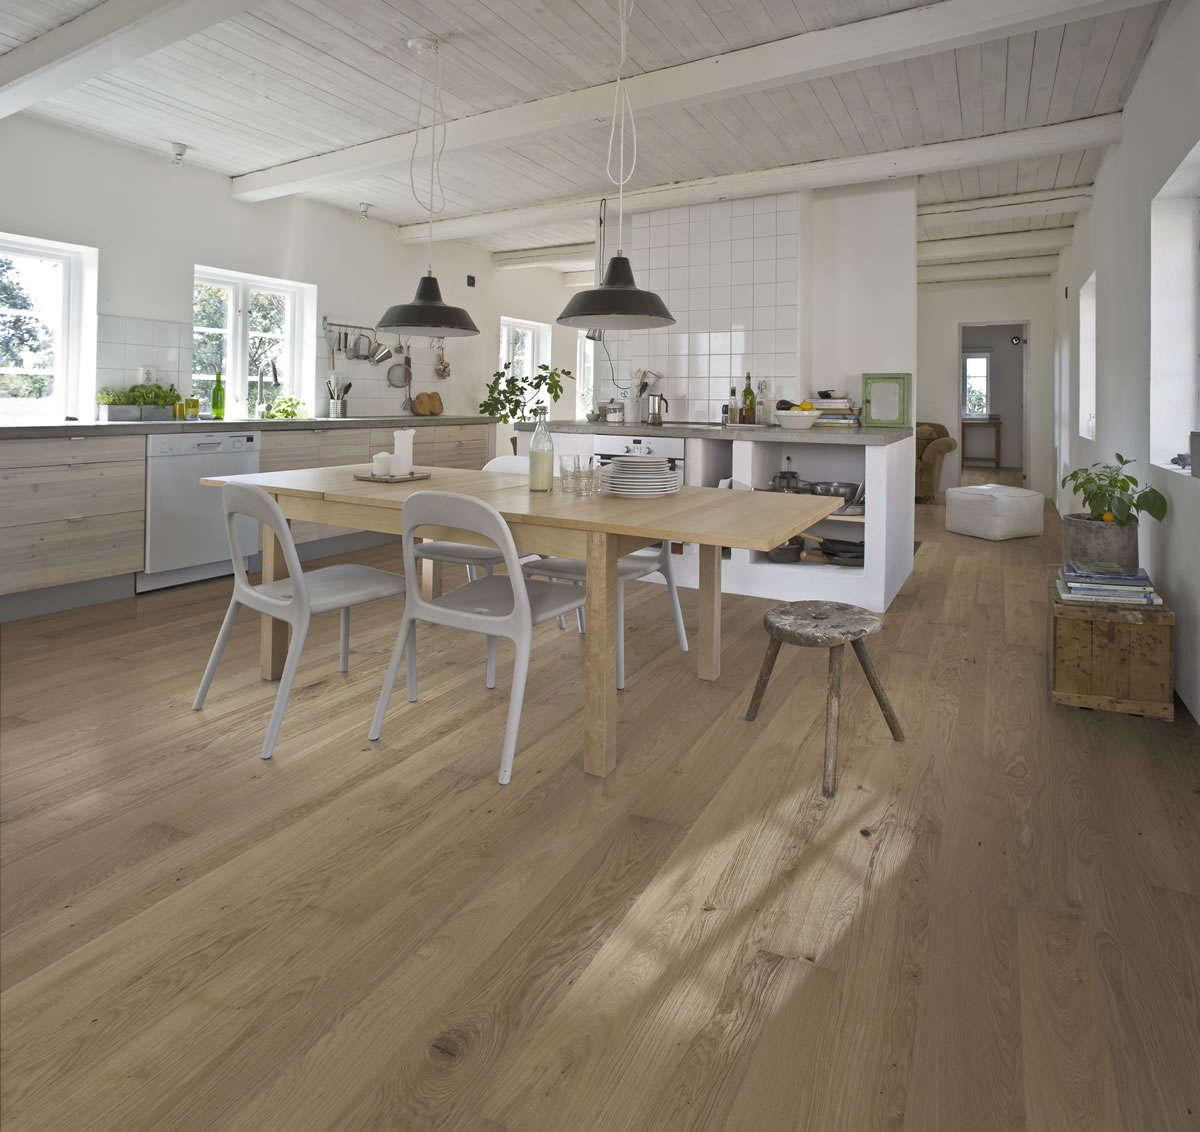 kahrs oak brighton engineered wood flooring. Black Bedroom Furniture Sets. Home Design Ideas